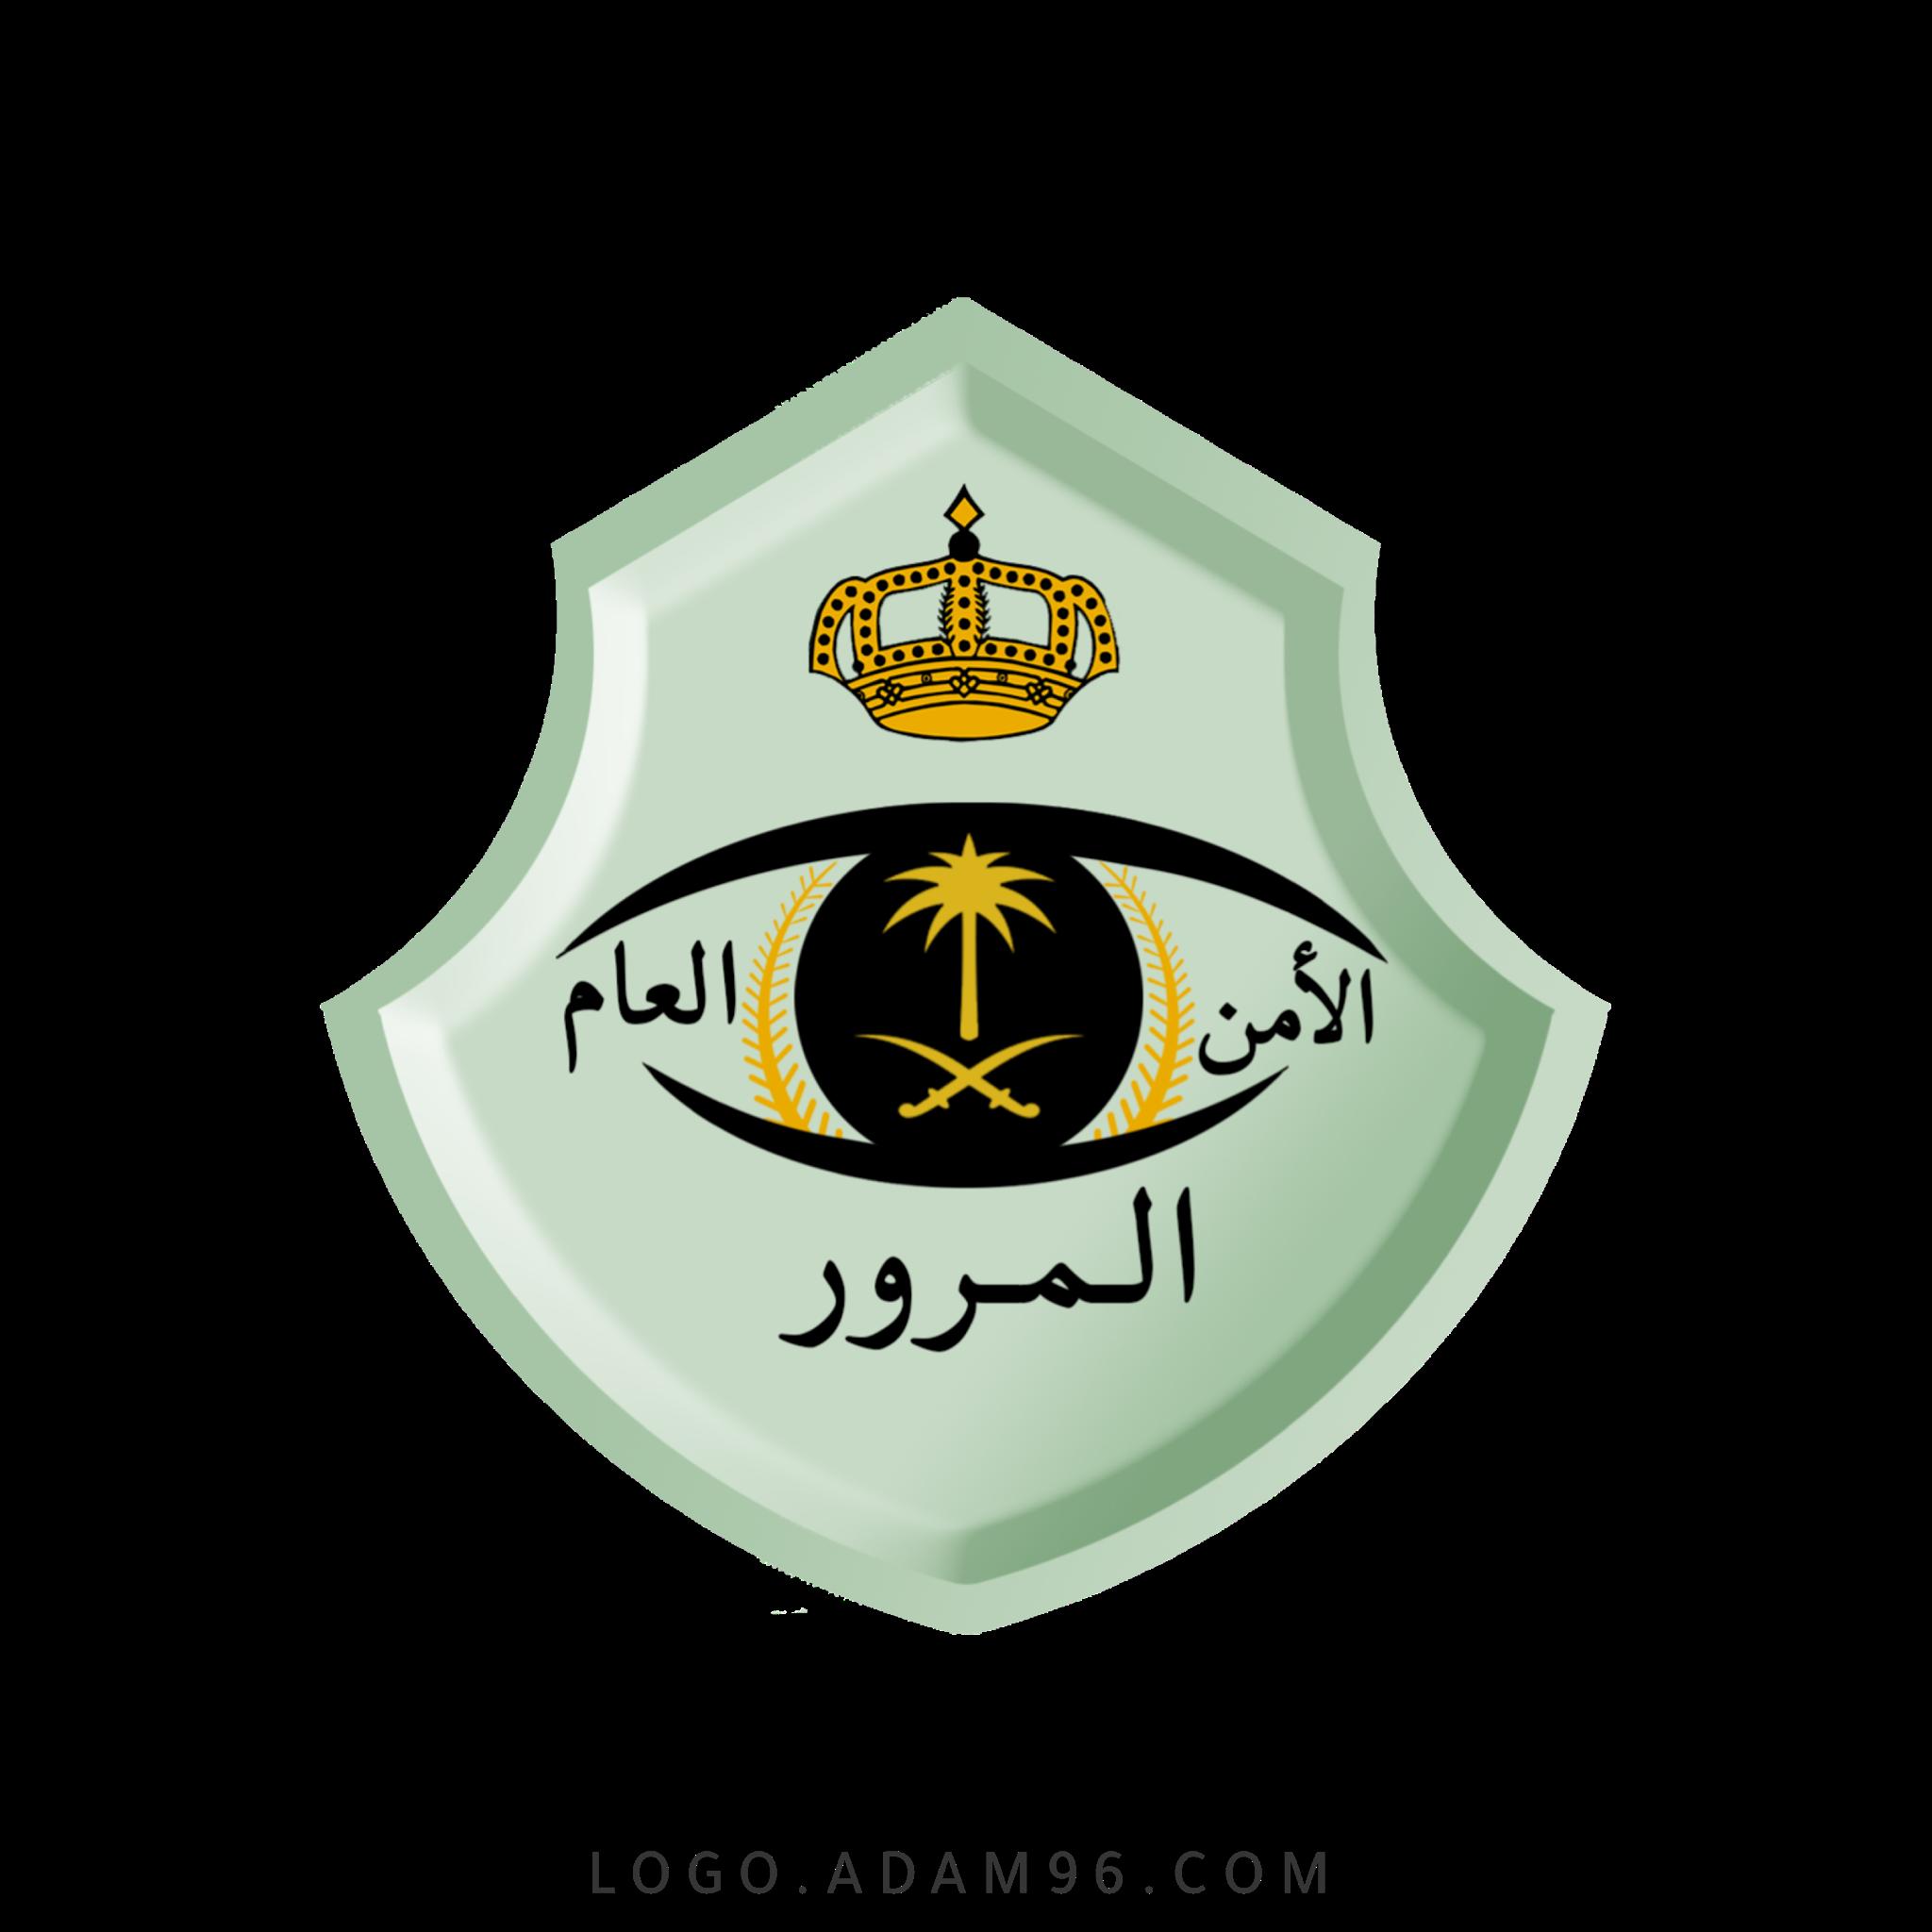 تحميل شعار الإدارة العامة للمرور السعودي لوجو عالي الجودة PNG